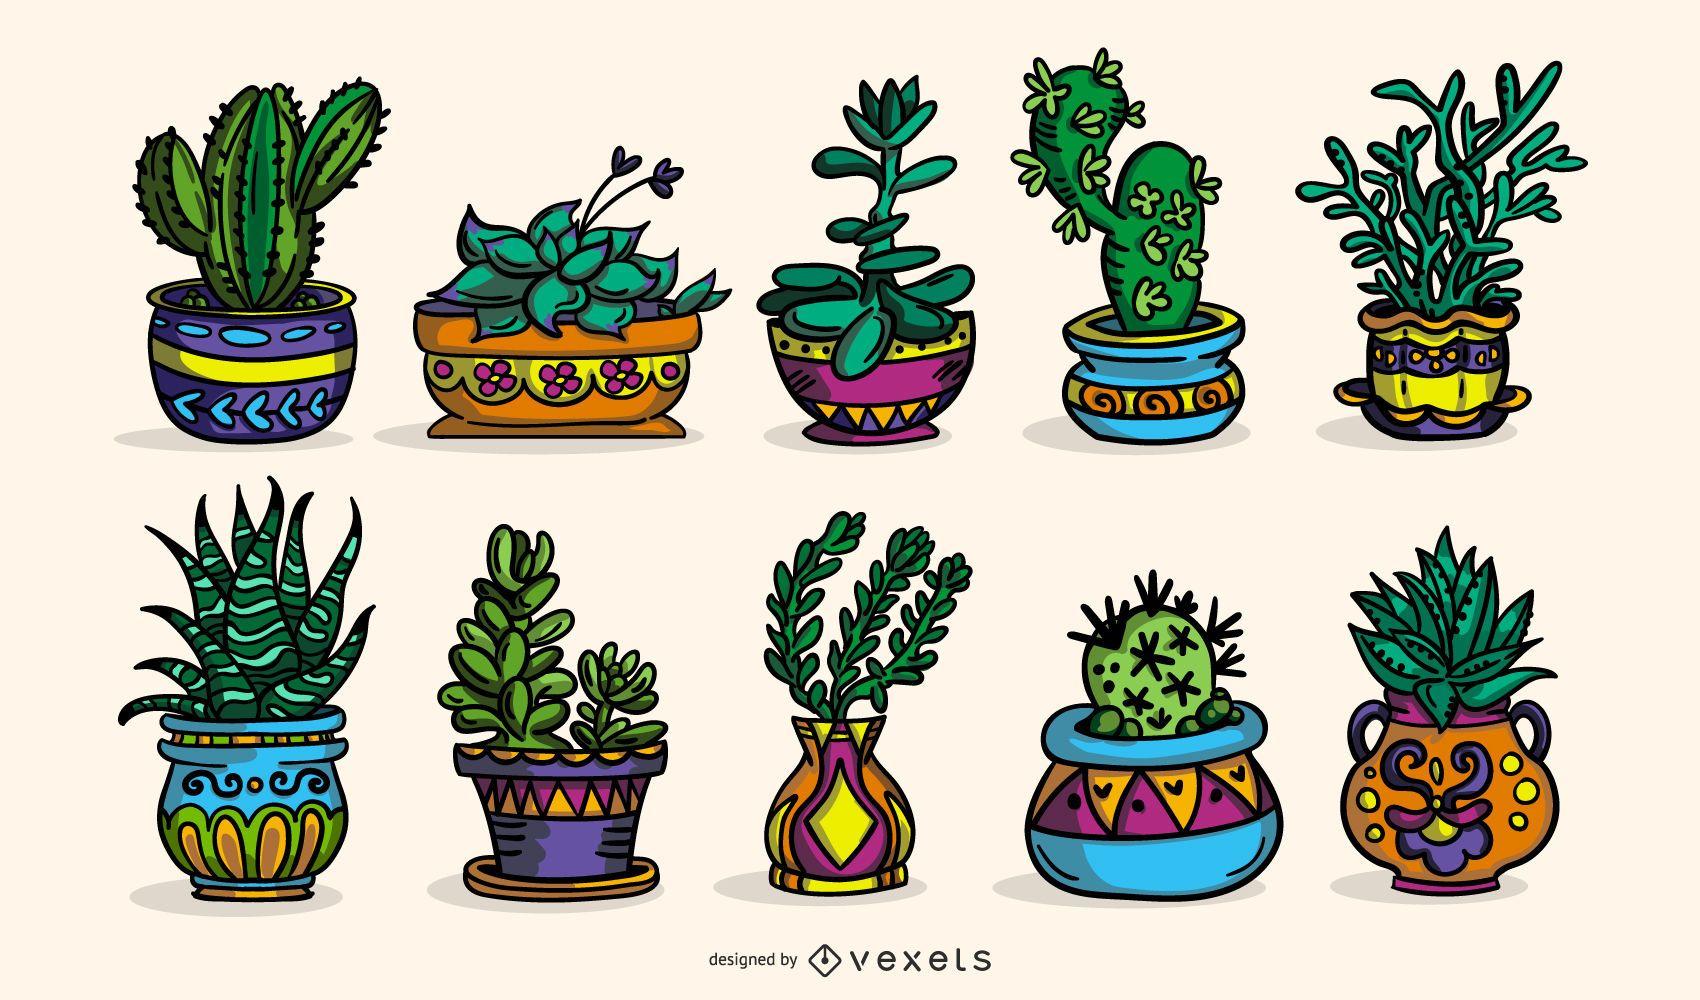 Cole??o de ilustra?es coloridas de plantas suculentas